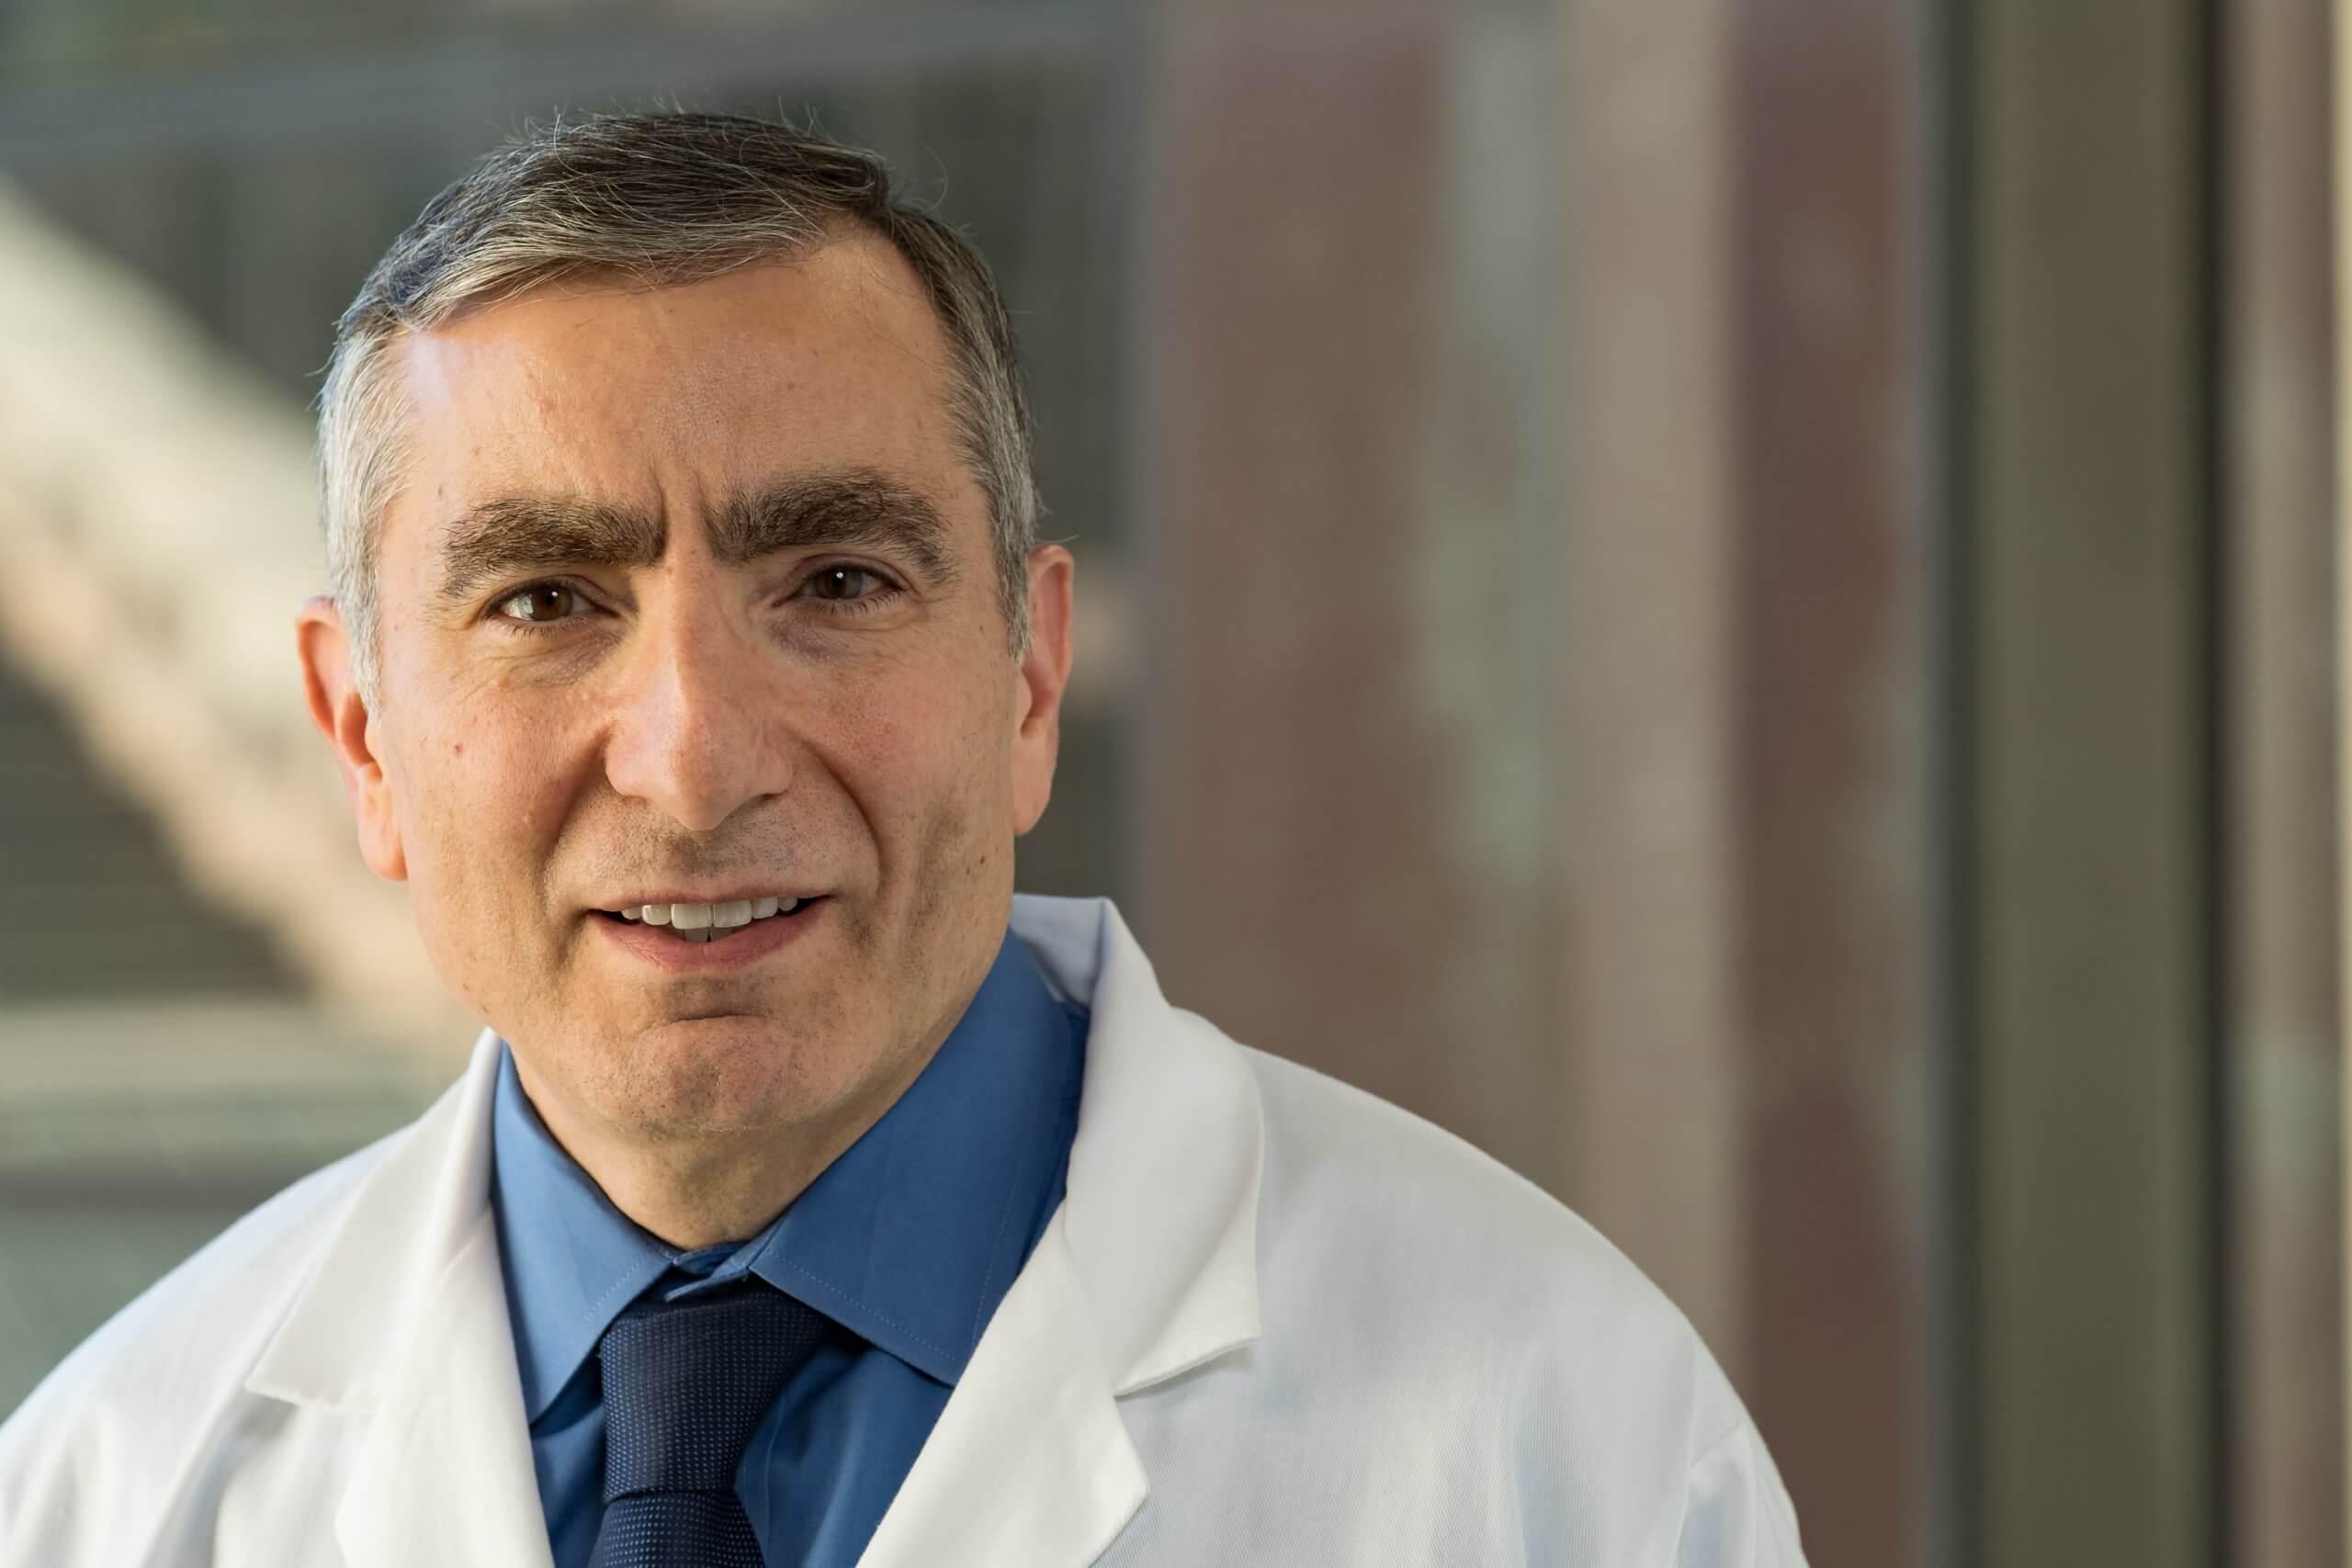 Rice University chemist James Tour, Ph.D.